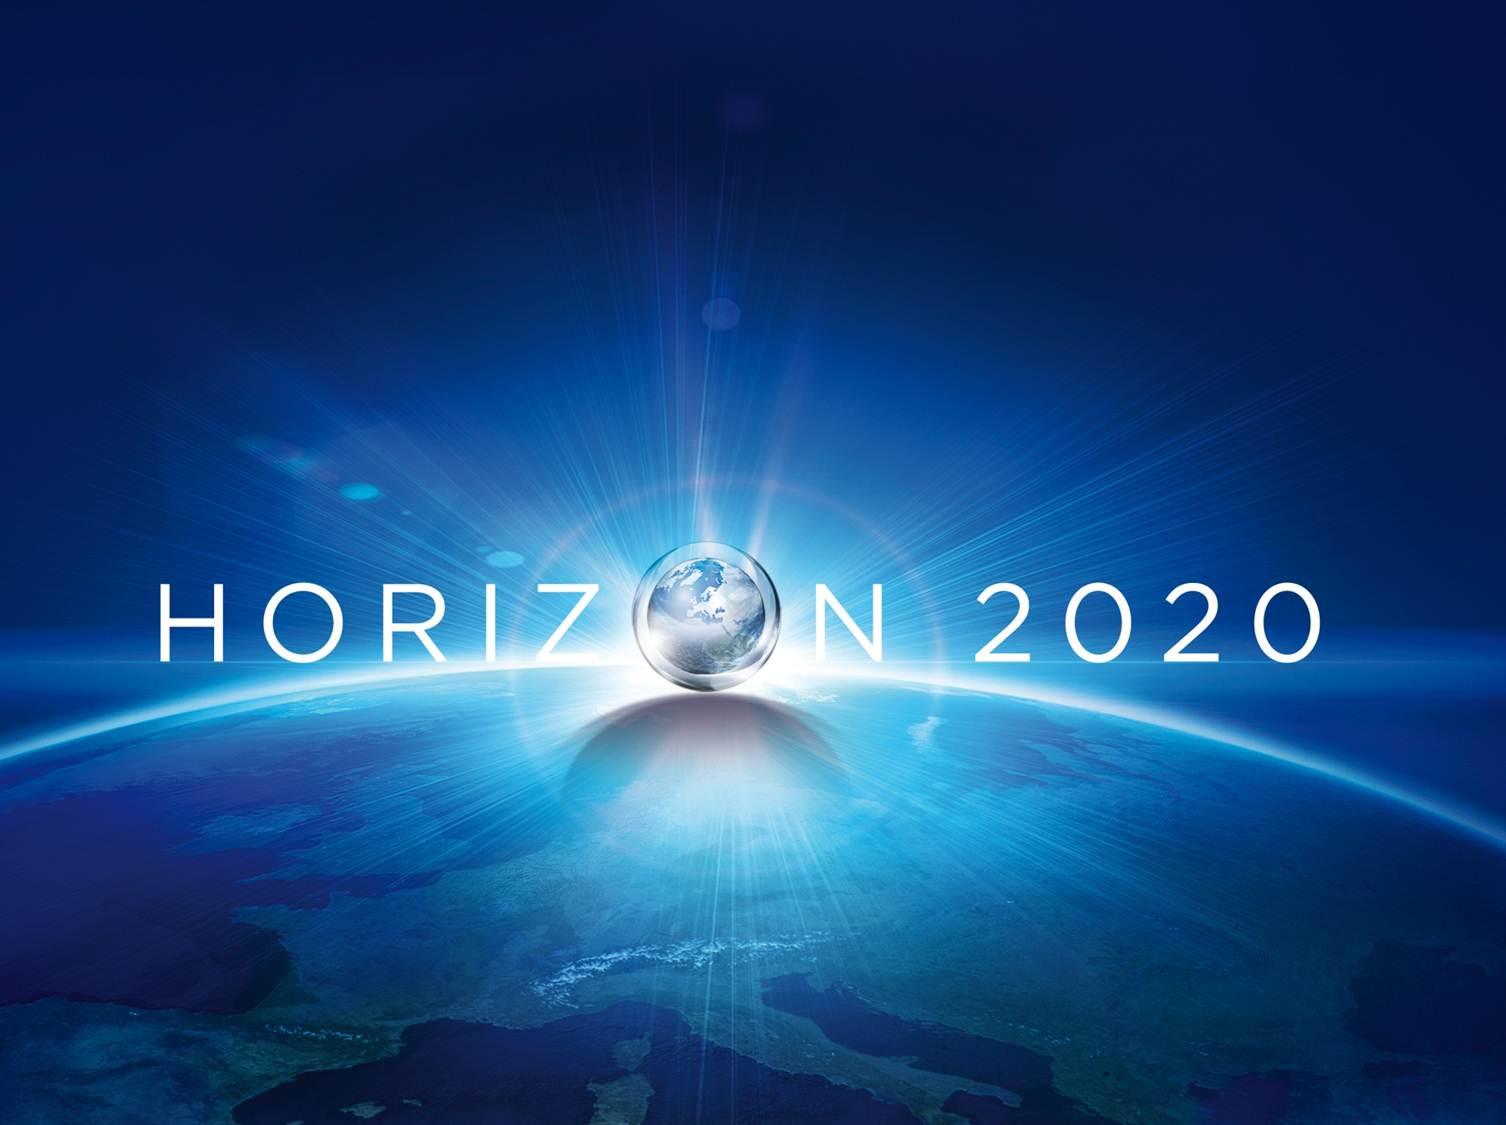 ec_horizon_2020.jpg